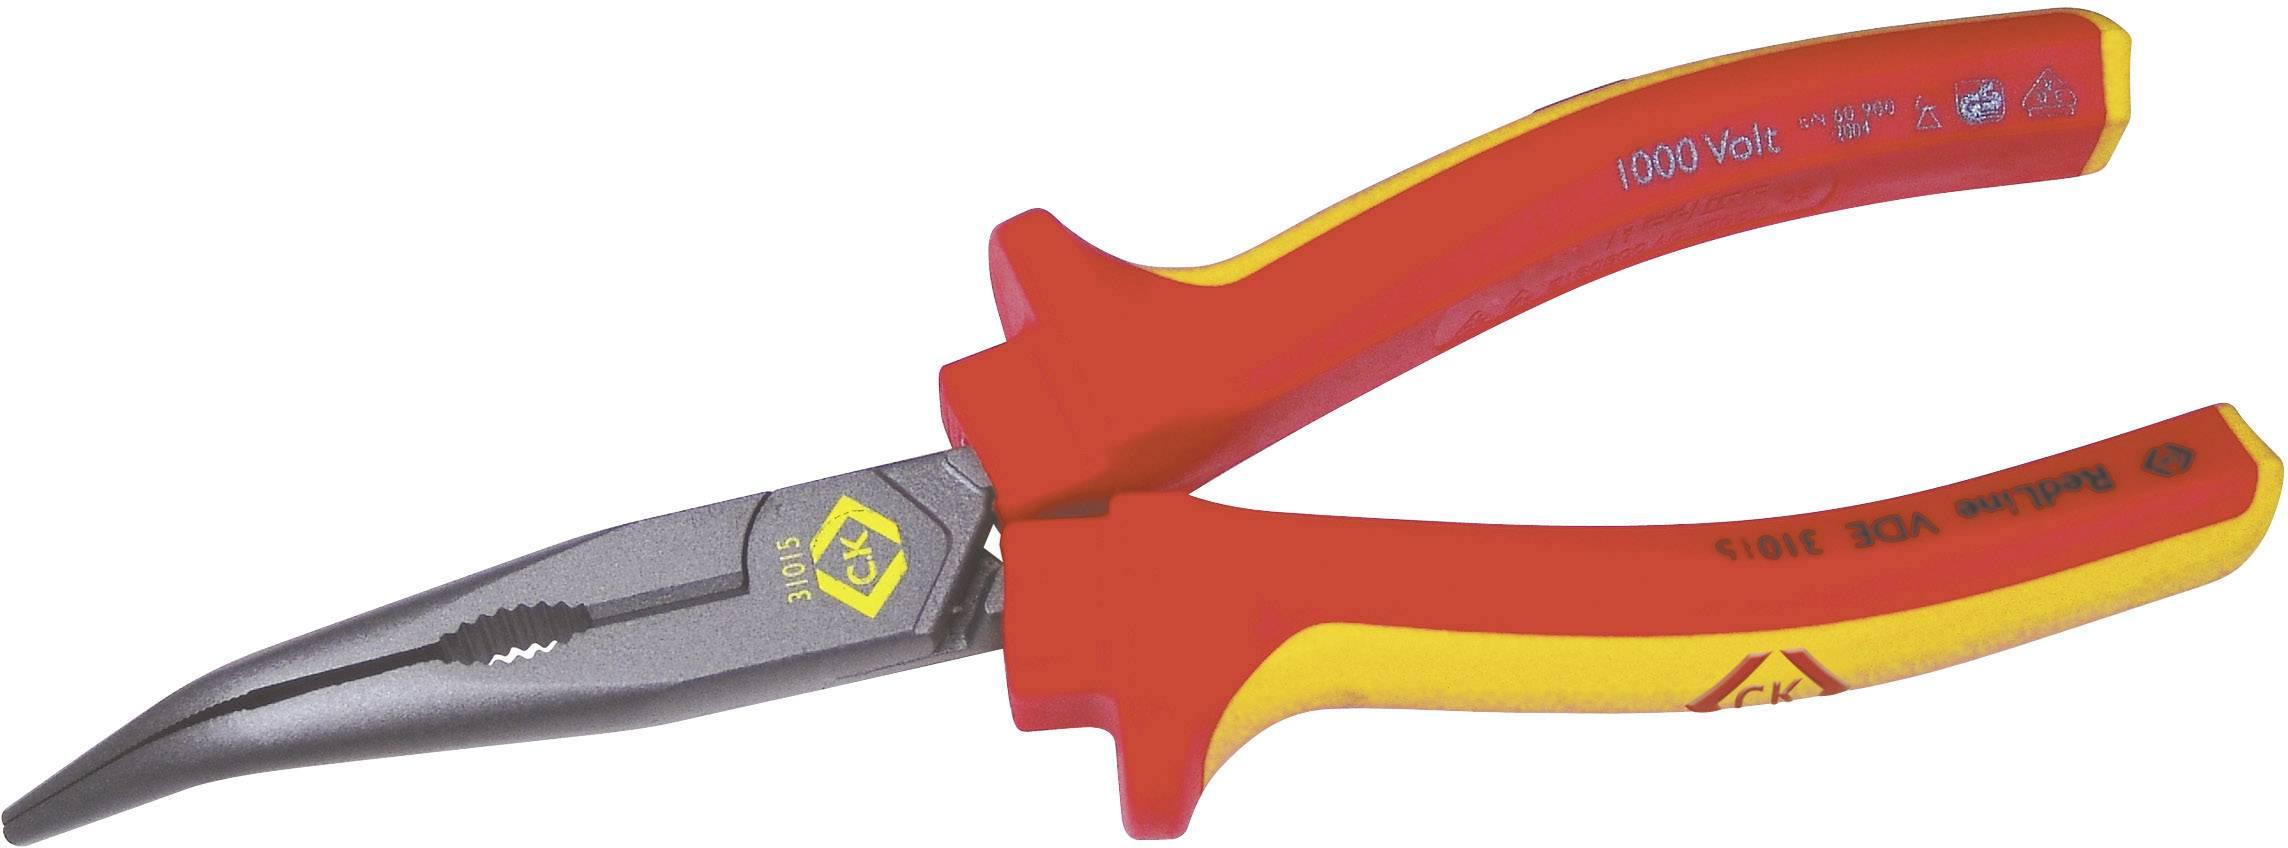 Špičaté kleště zahnuté VDE C.K. 431015, 200 mm